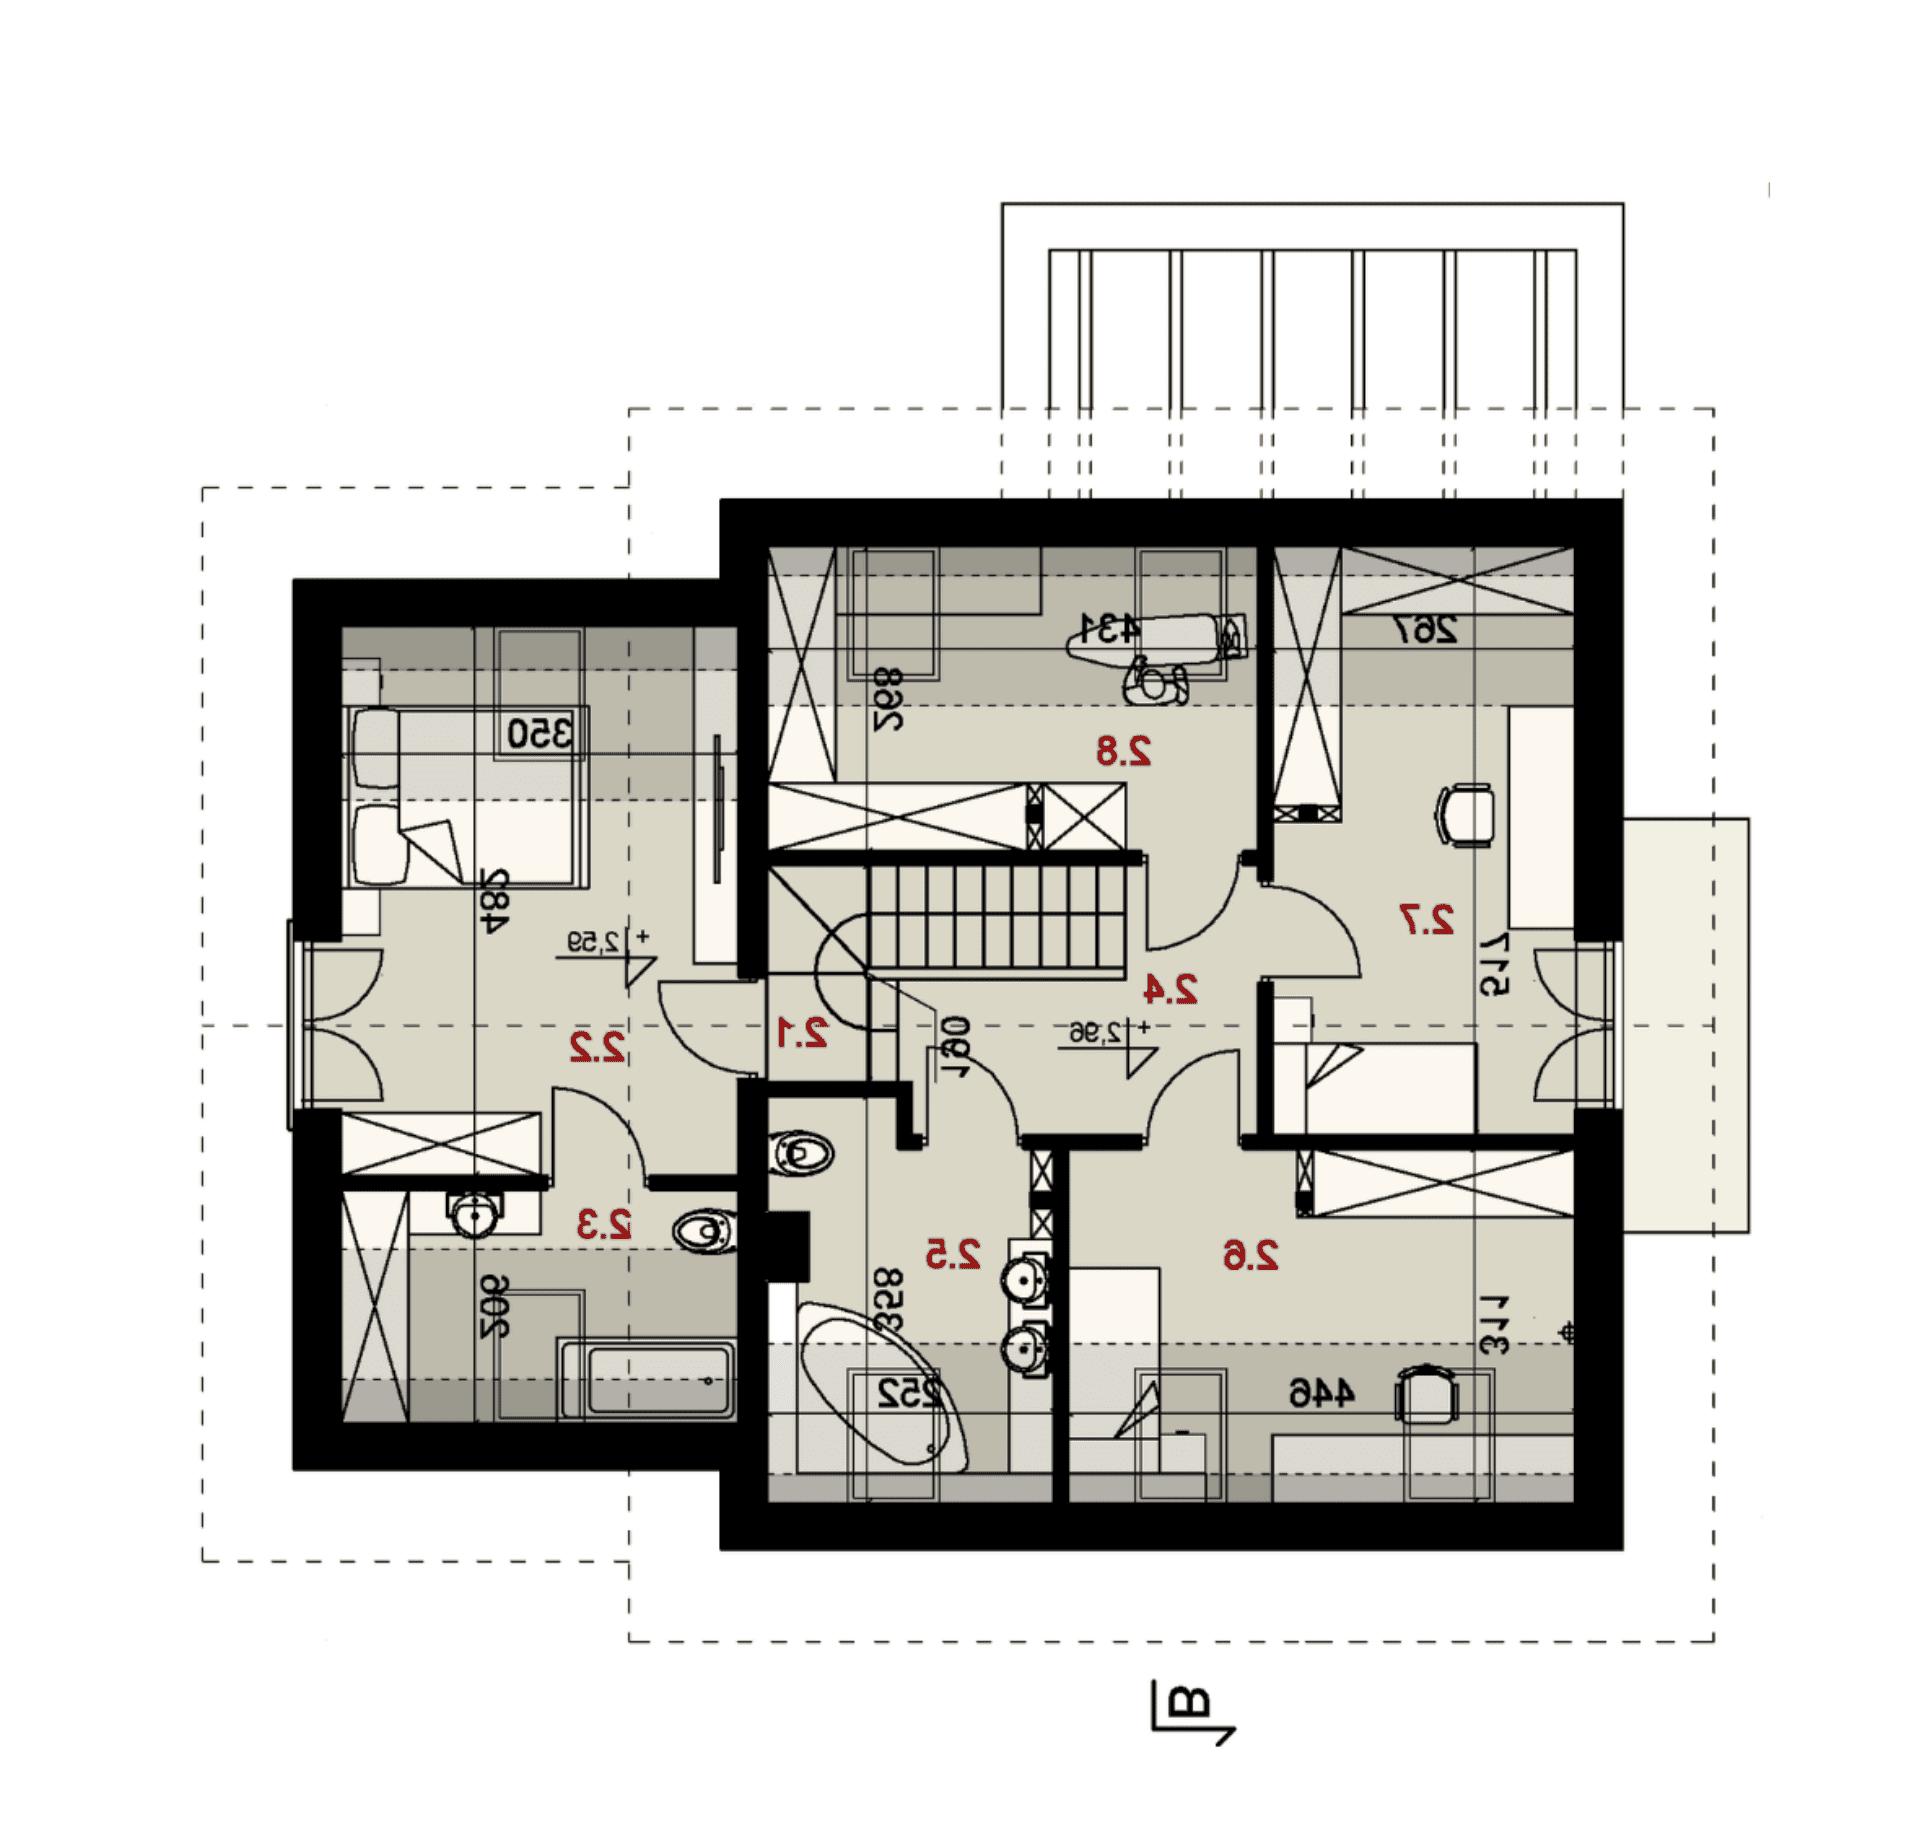 Rzut poddasza - projekt domu SEJ-PRO 047 ENERGO - odbicie lustrzane